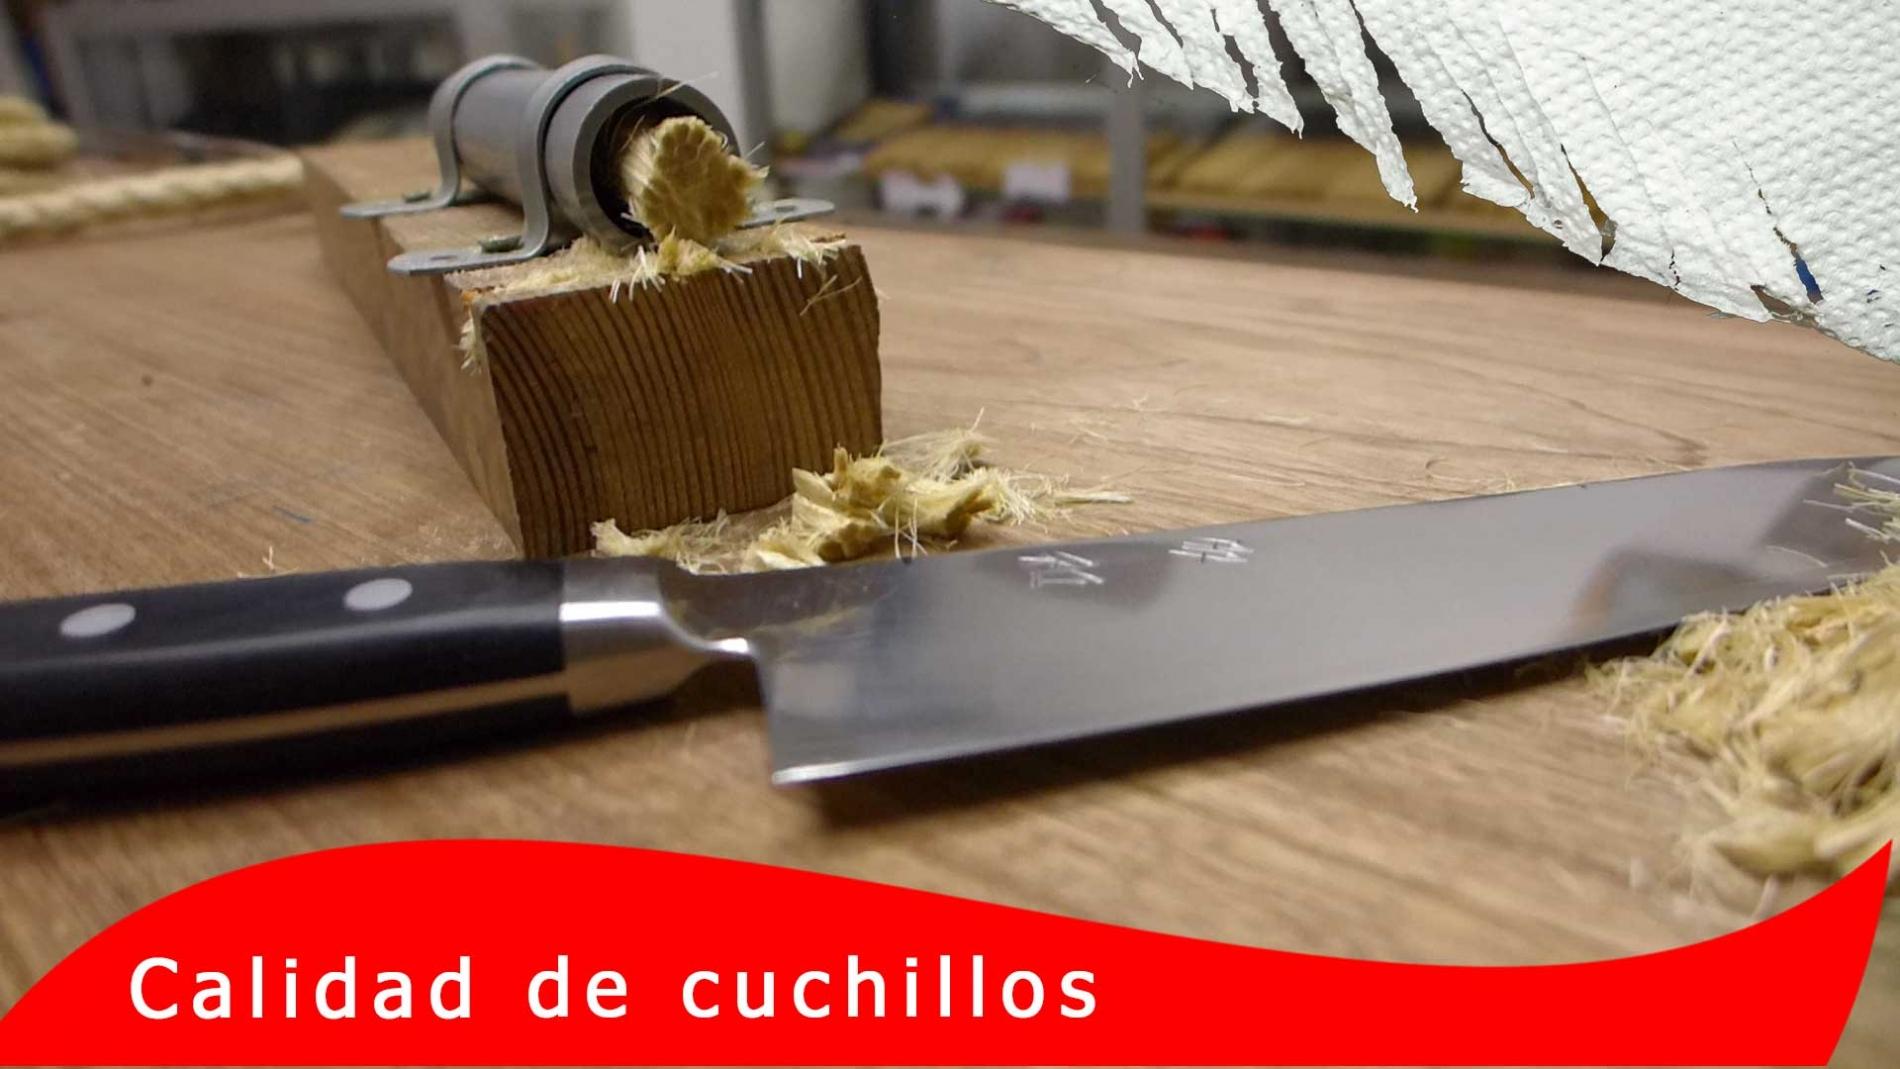 Maxima-Retencion-Mejores cuchillos de cocina x RETENCIÓN del FILO x Gubia PE-max-2.